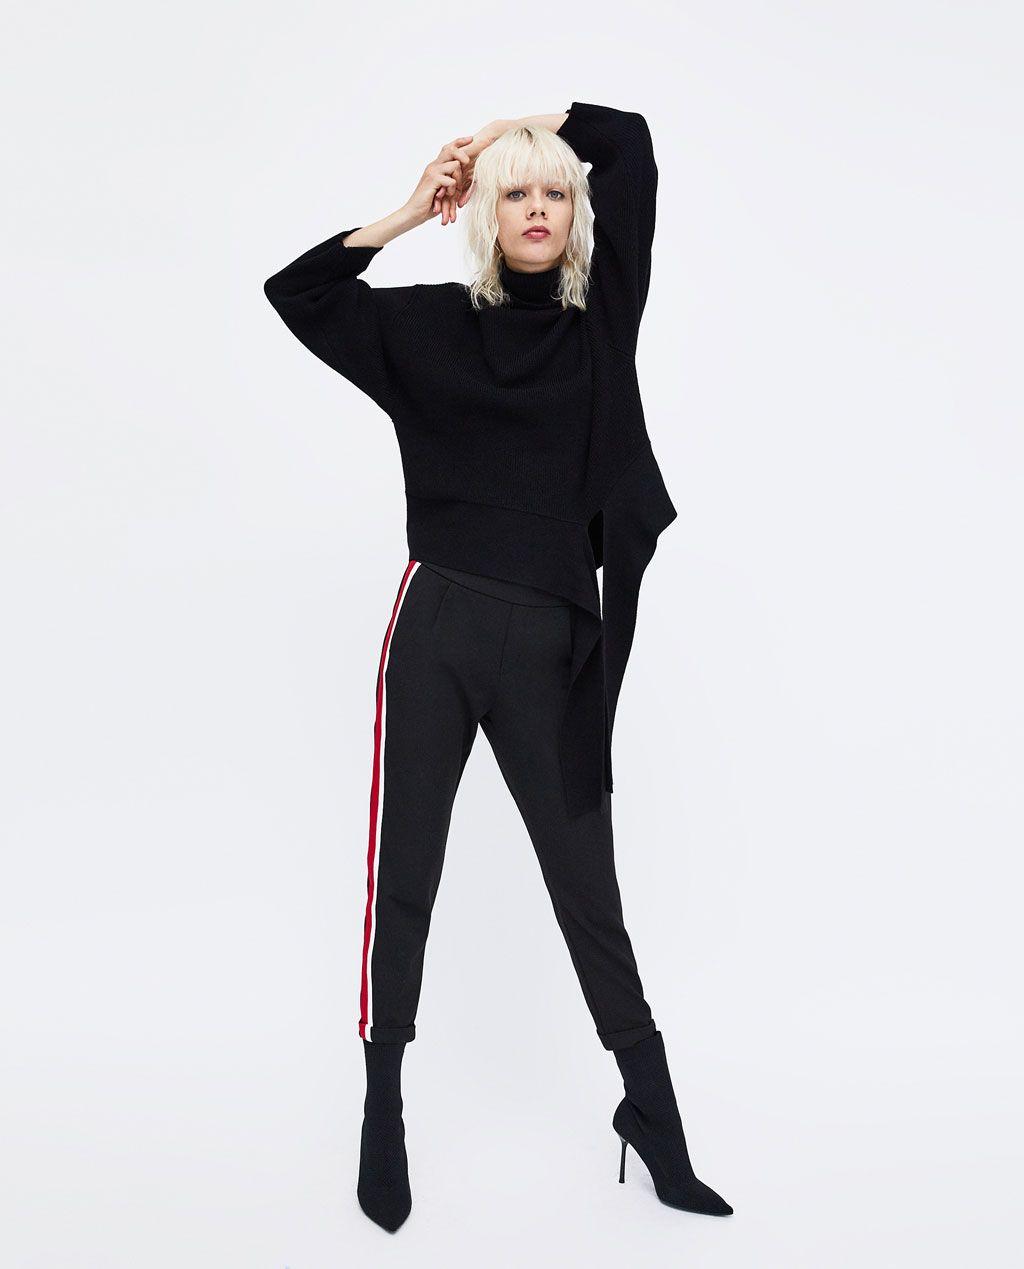 Zara Trf Chinohose Mit Seitenstreifen Hosen Zara Hosen Modestil